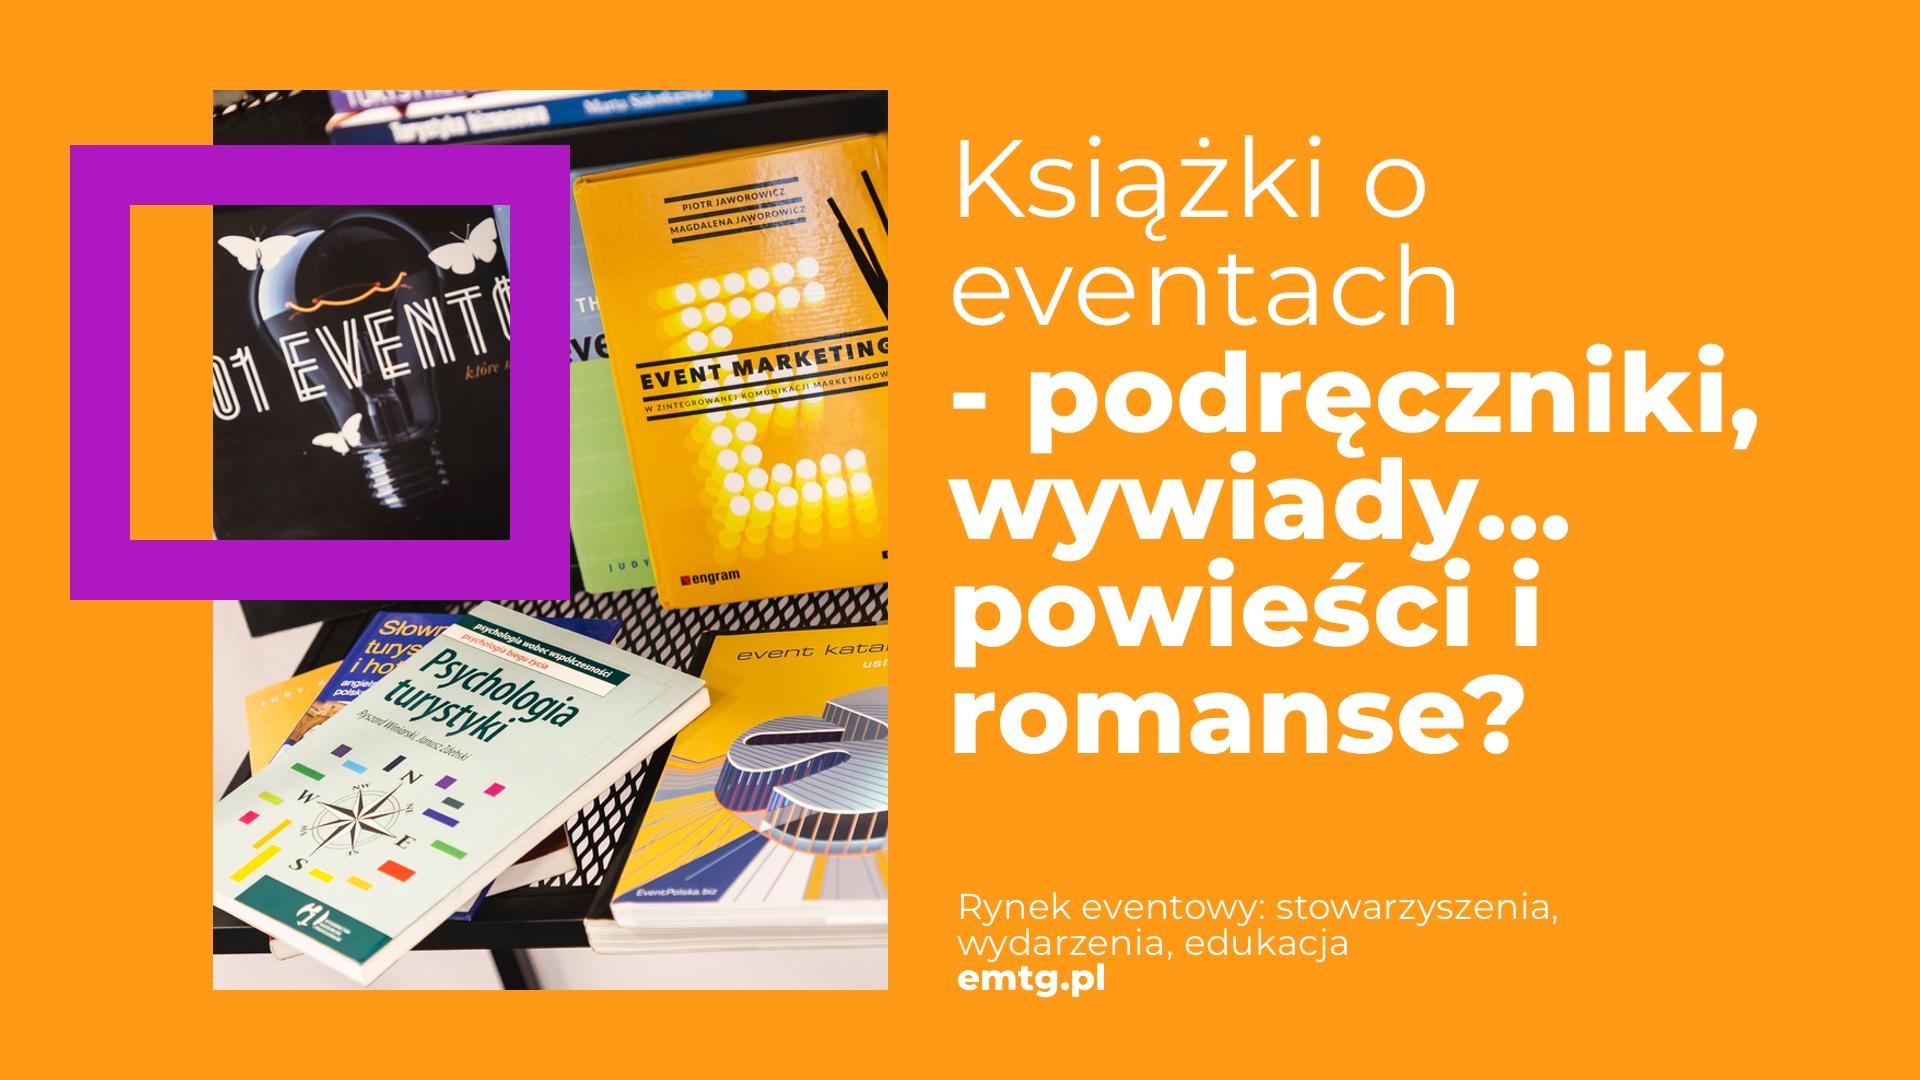 Książki organizacja eventów EMTG